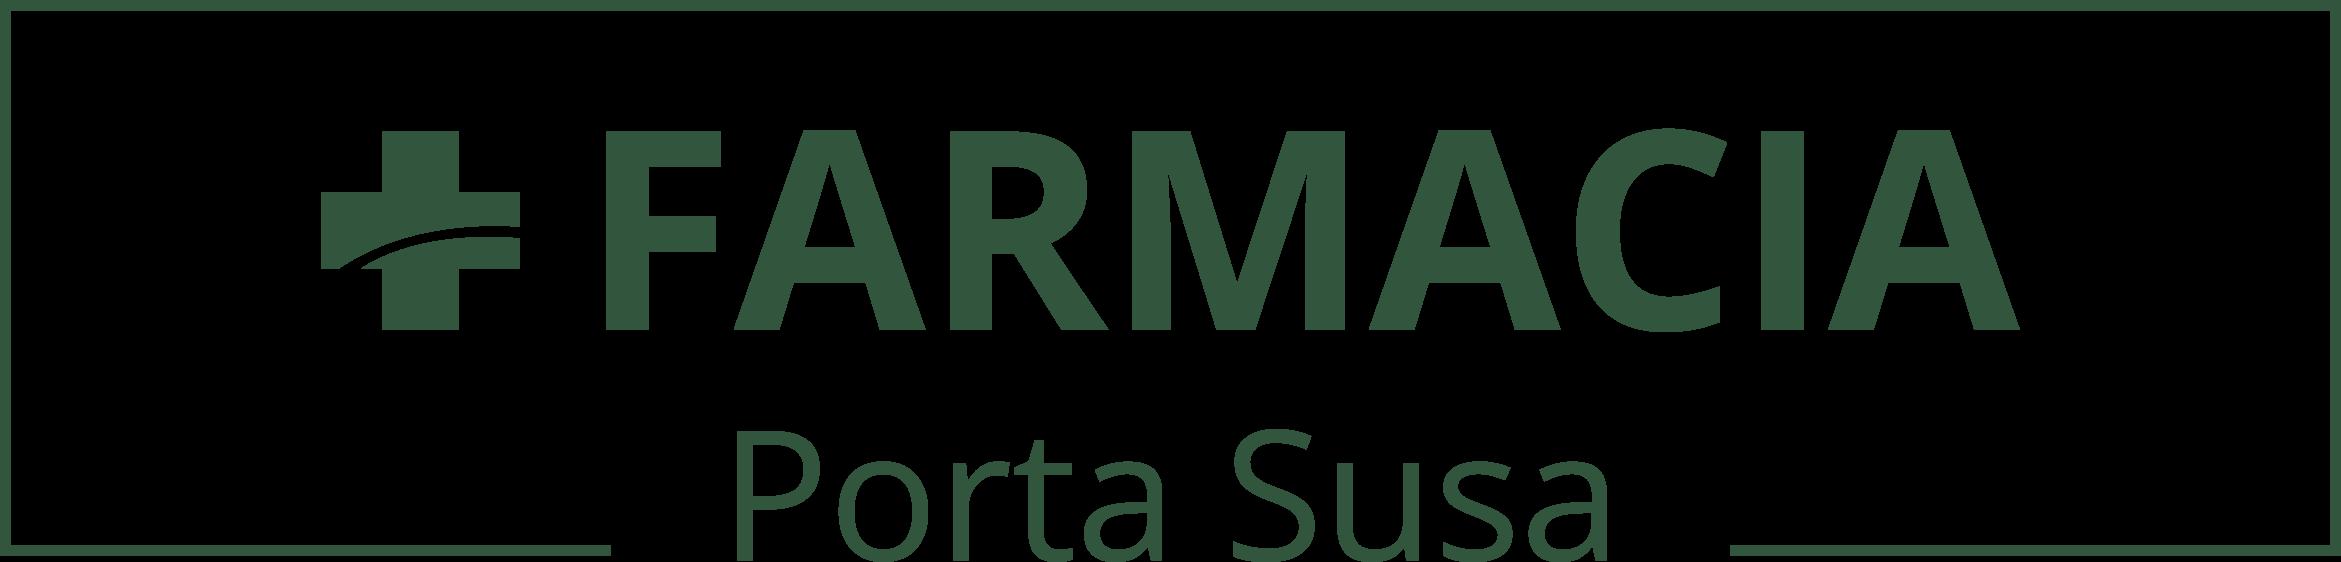 Farmacia Porta Susa